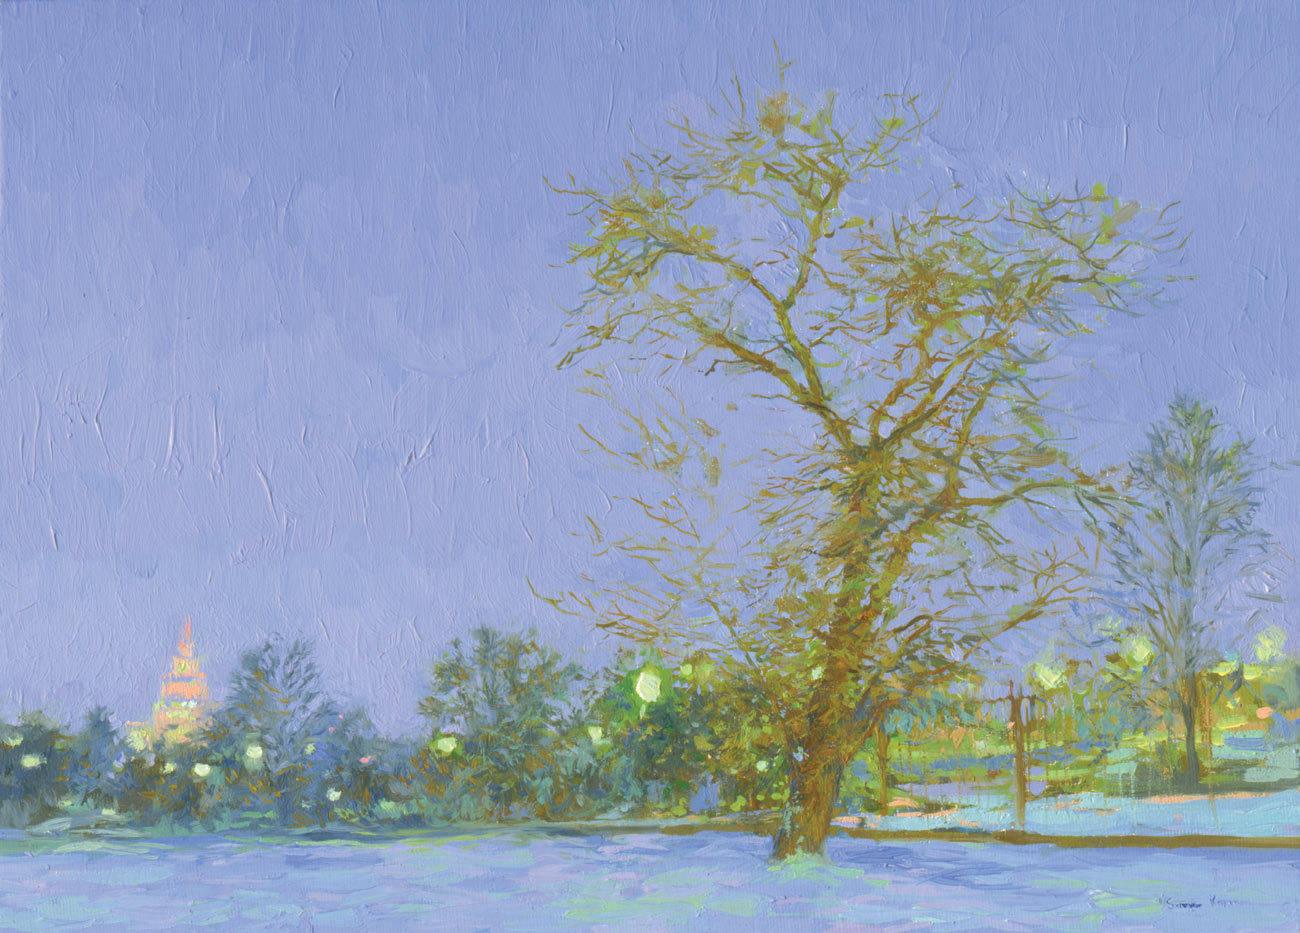 Krymskaya quay. 2006. Canvas on cardboard, oil. 25 x 35 cm.